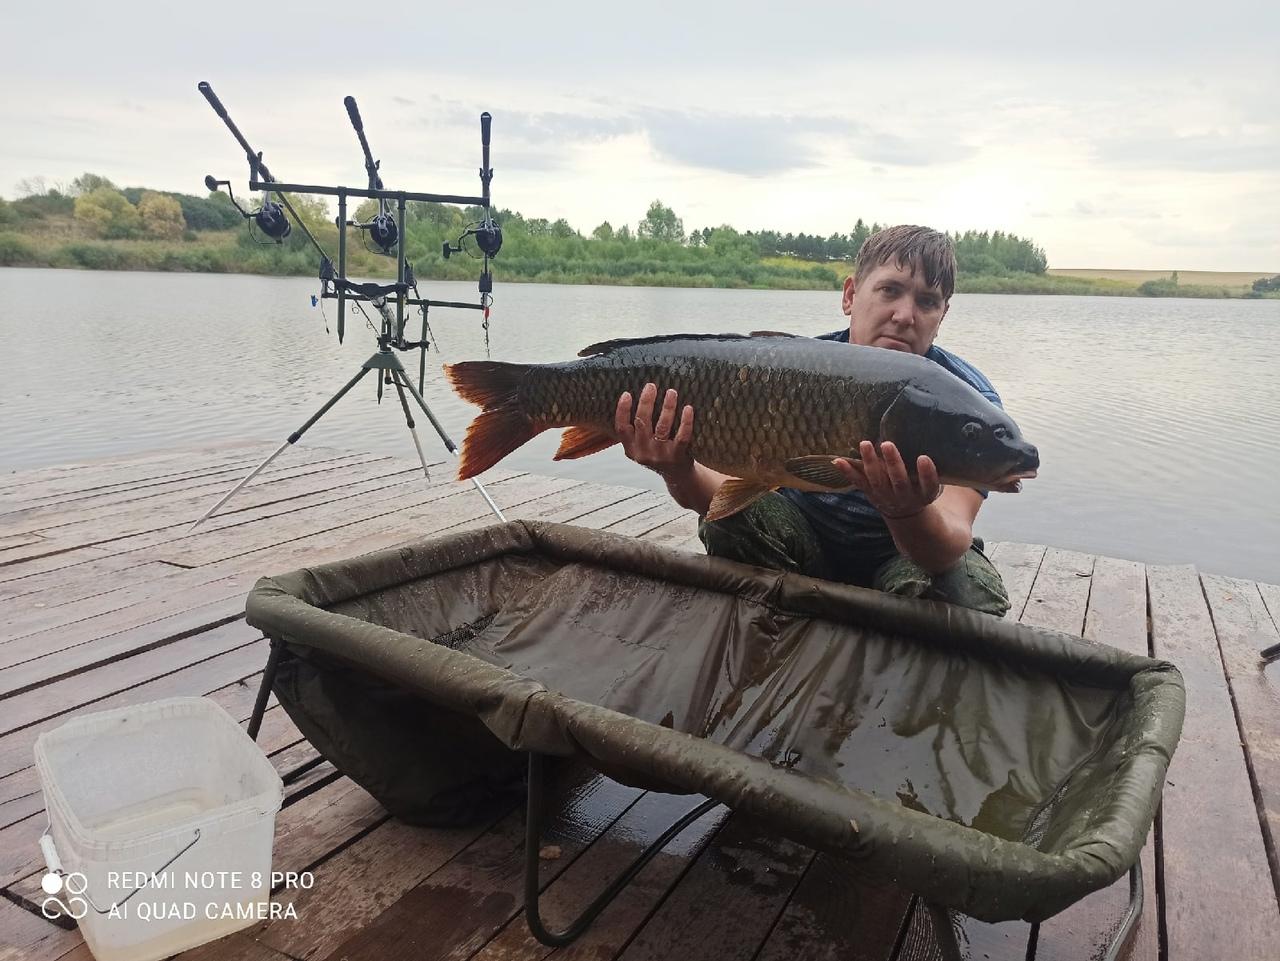 Отчет о рыбалке: Водоём #117457525 — Свердловский район — Центральный федеральный округ, Орловская область